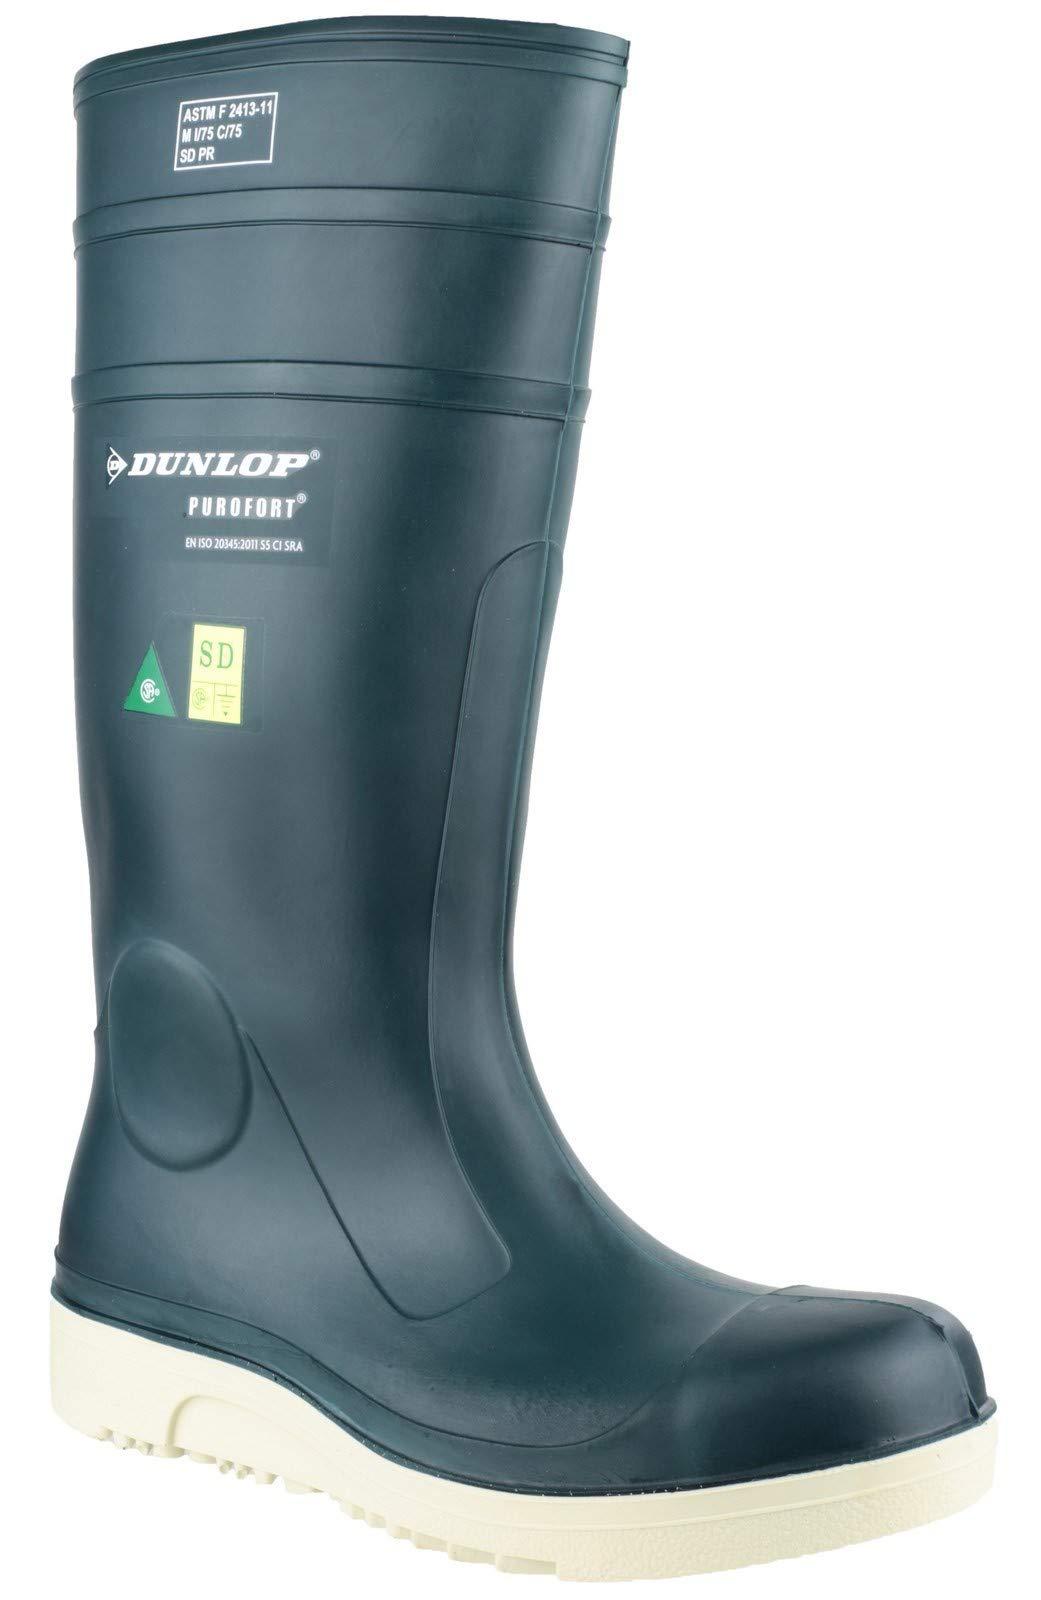 Dunlop Unisex Purofort Comfort Grip Full Safety Wellington Blue Size UK 7 EU 41 by Dunlop